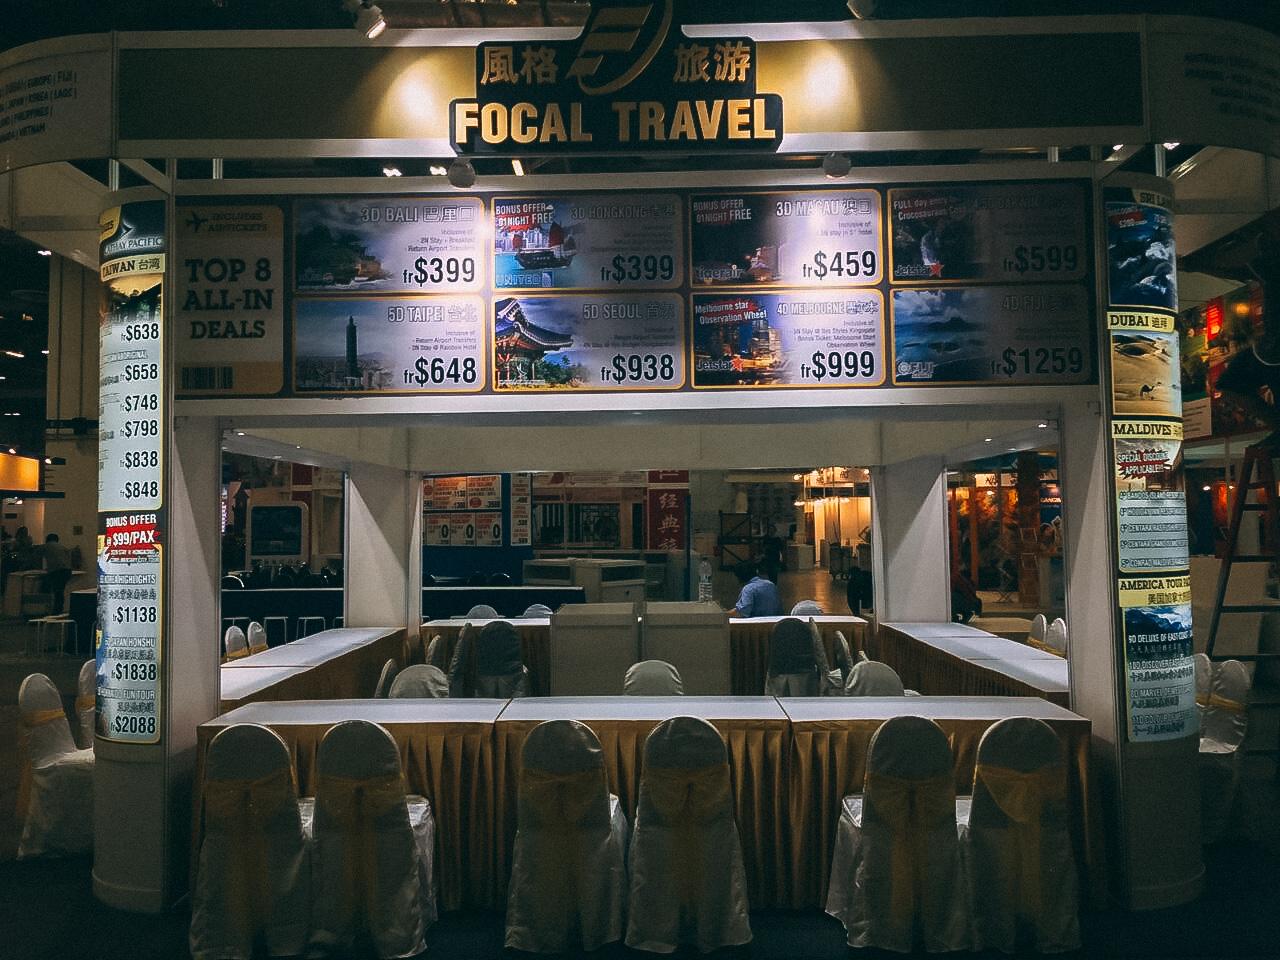 FOCAL TRAVEL @ TRAVEL REVOLUTION | JUNE